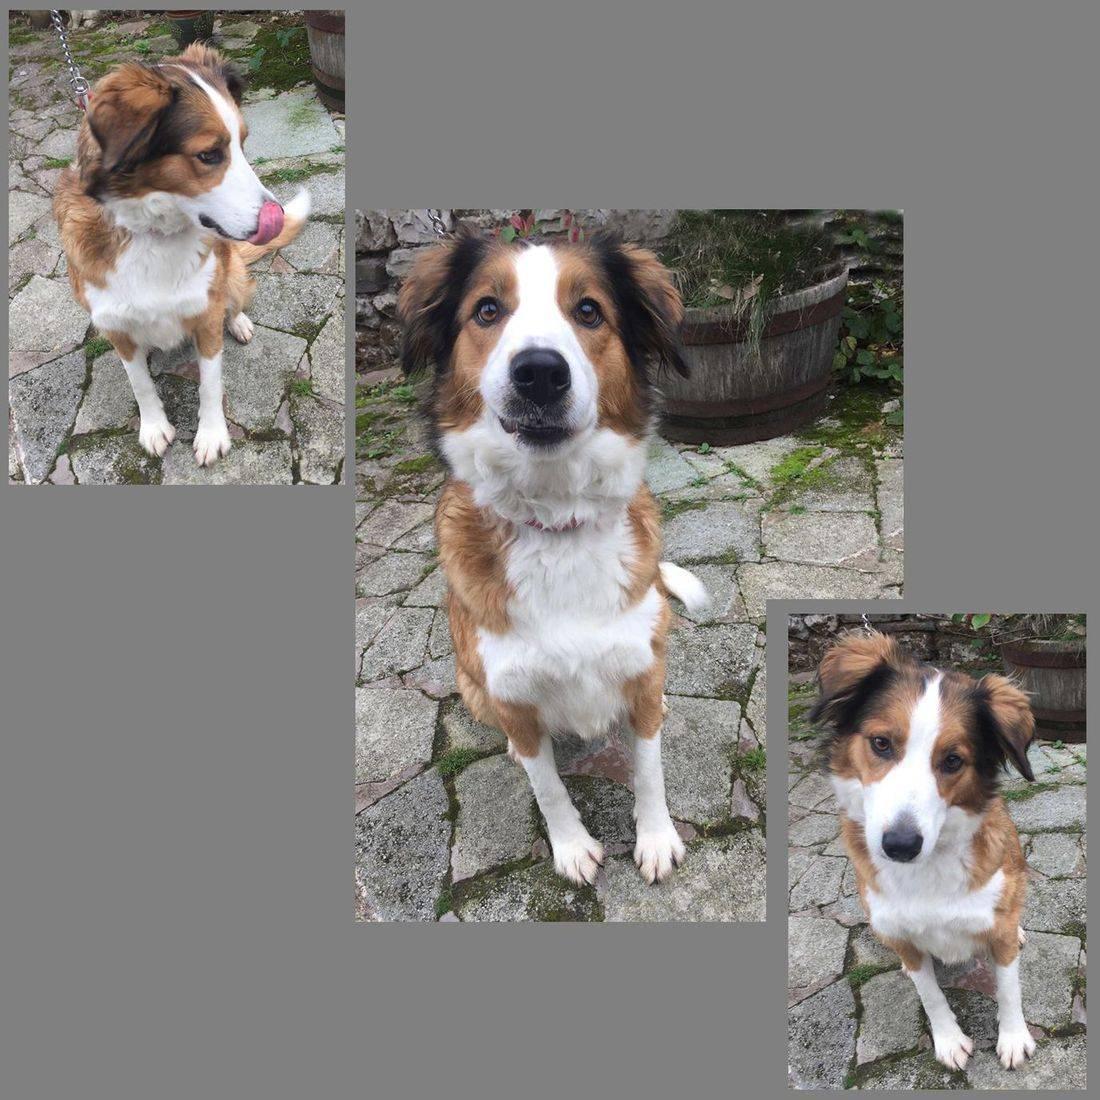 A rescue dog by Dog Samaritans